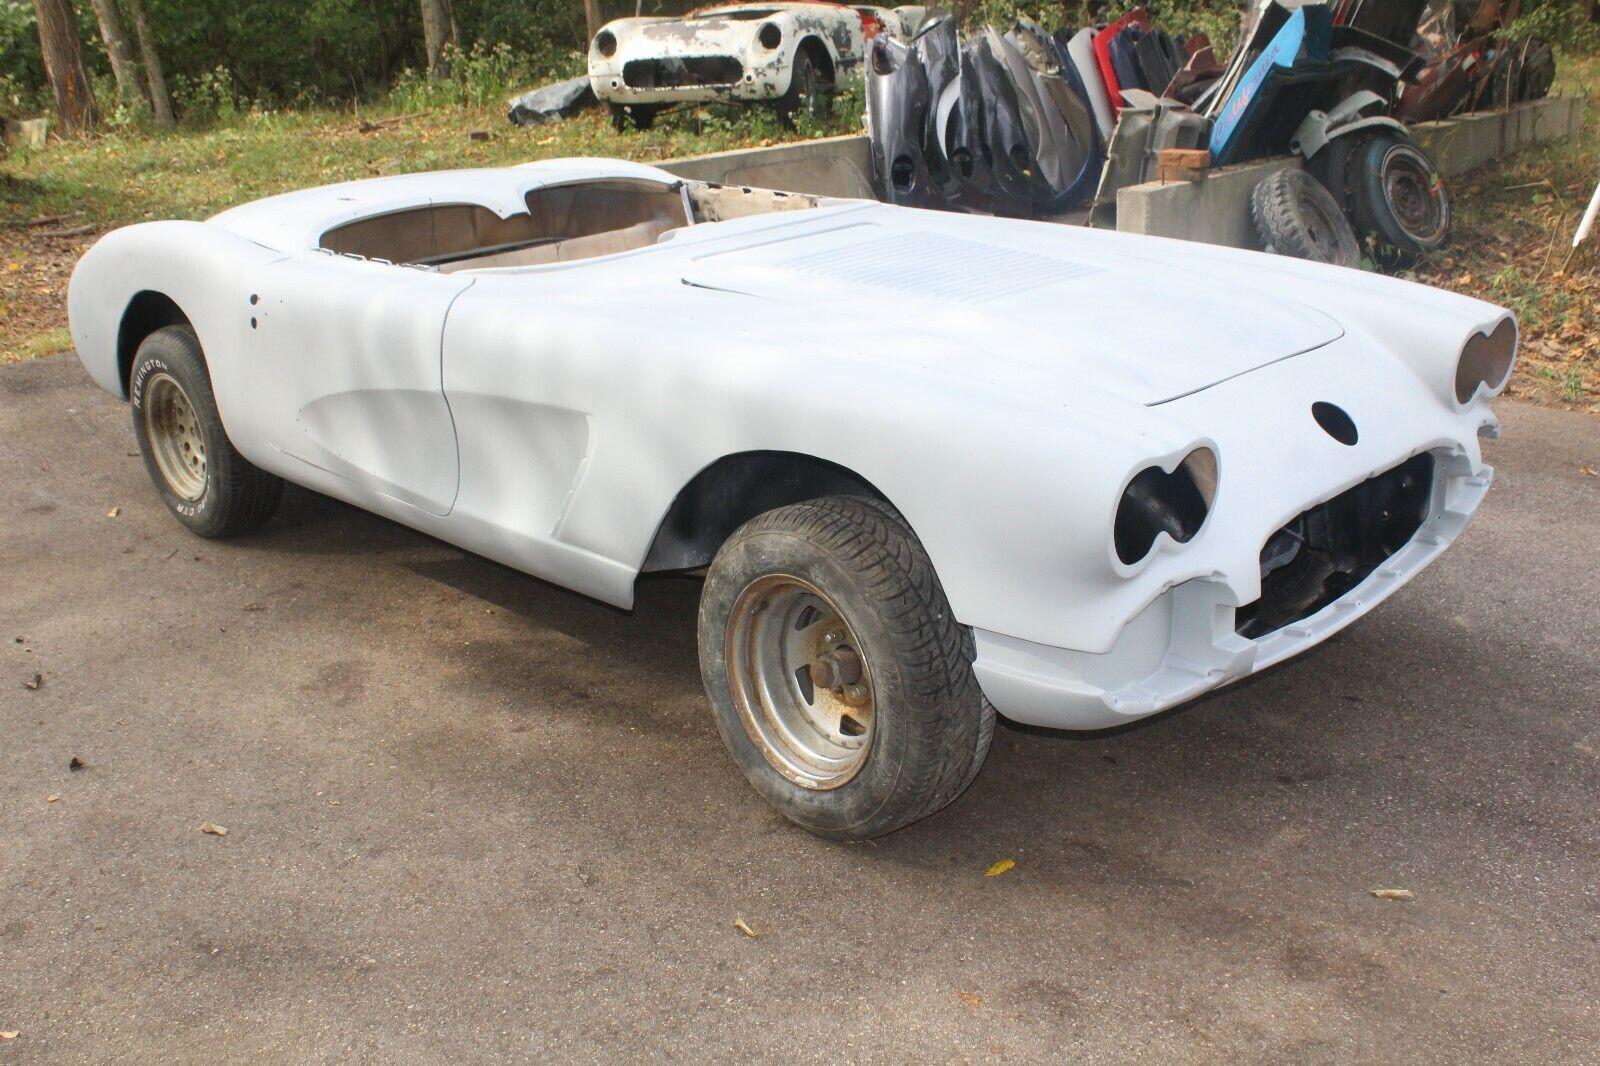 1958 CHEVROLET CORVETTE PROJECT RESTOMOD RACE CAR